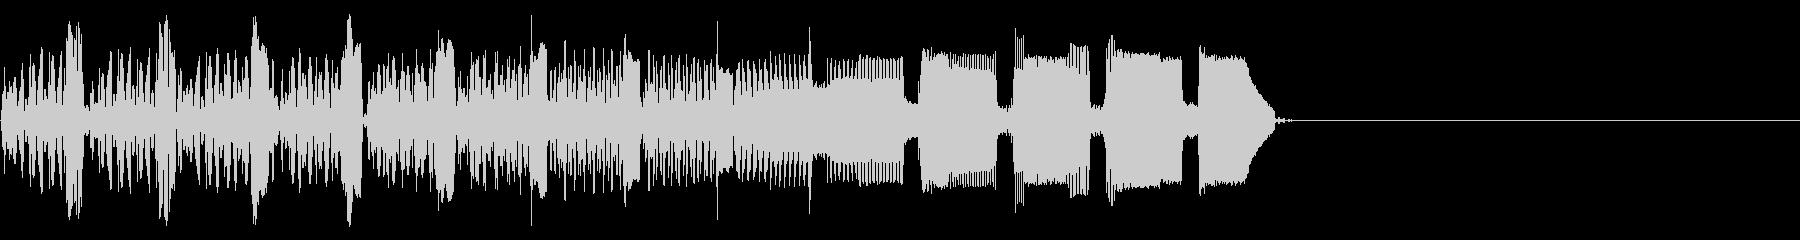 [8Bit]レトロゲーム系SE-02の未再生の波形